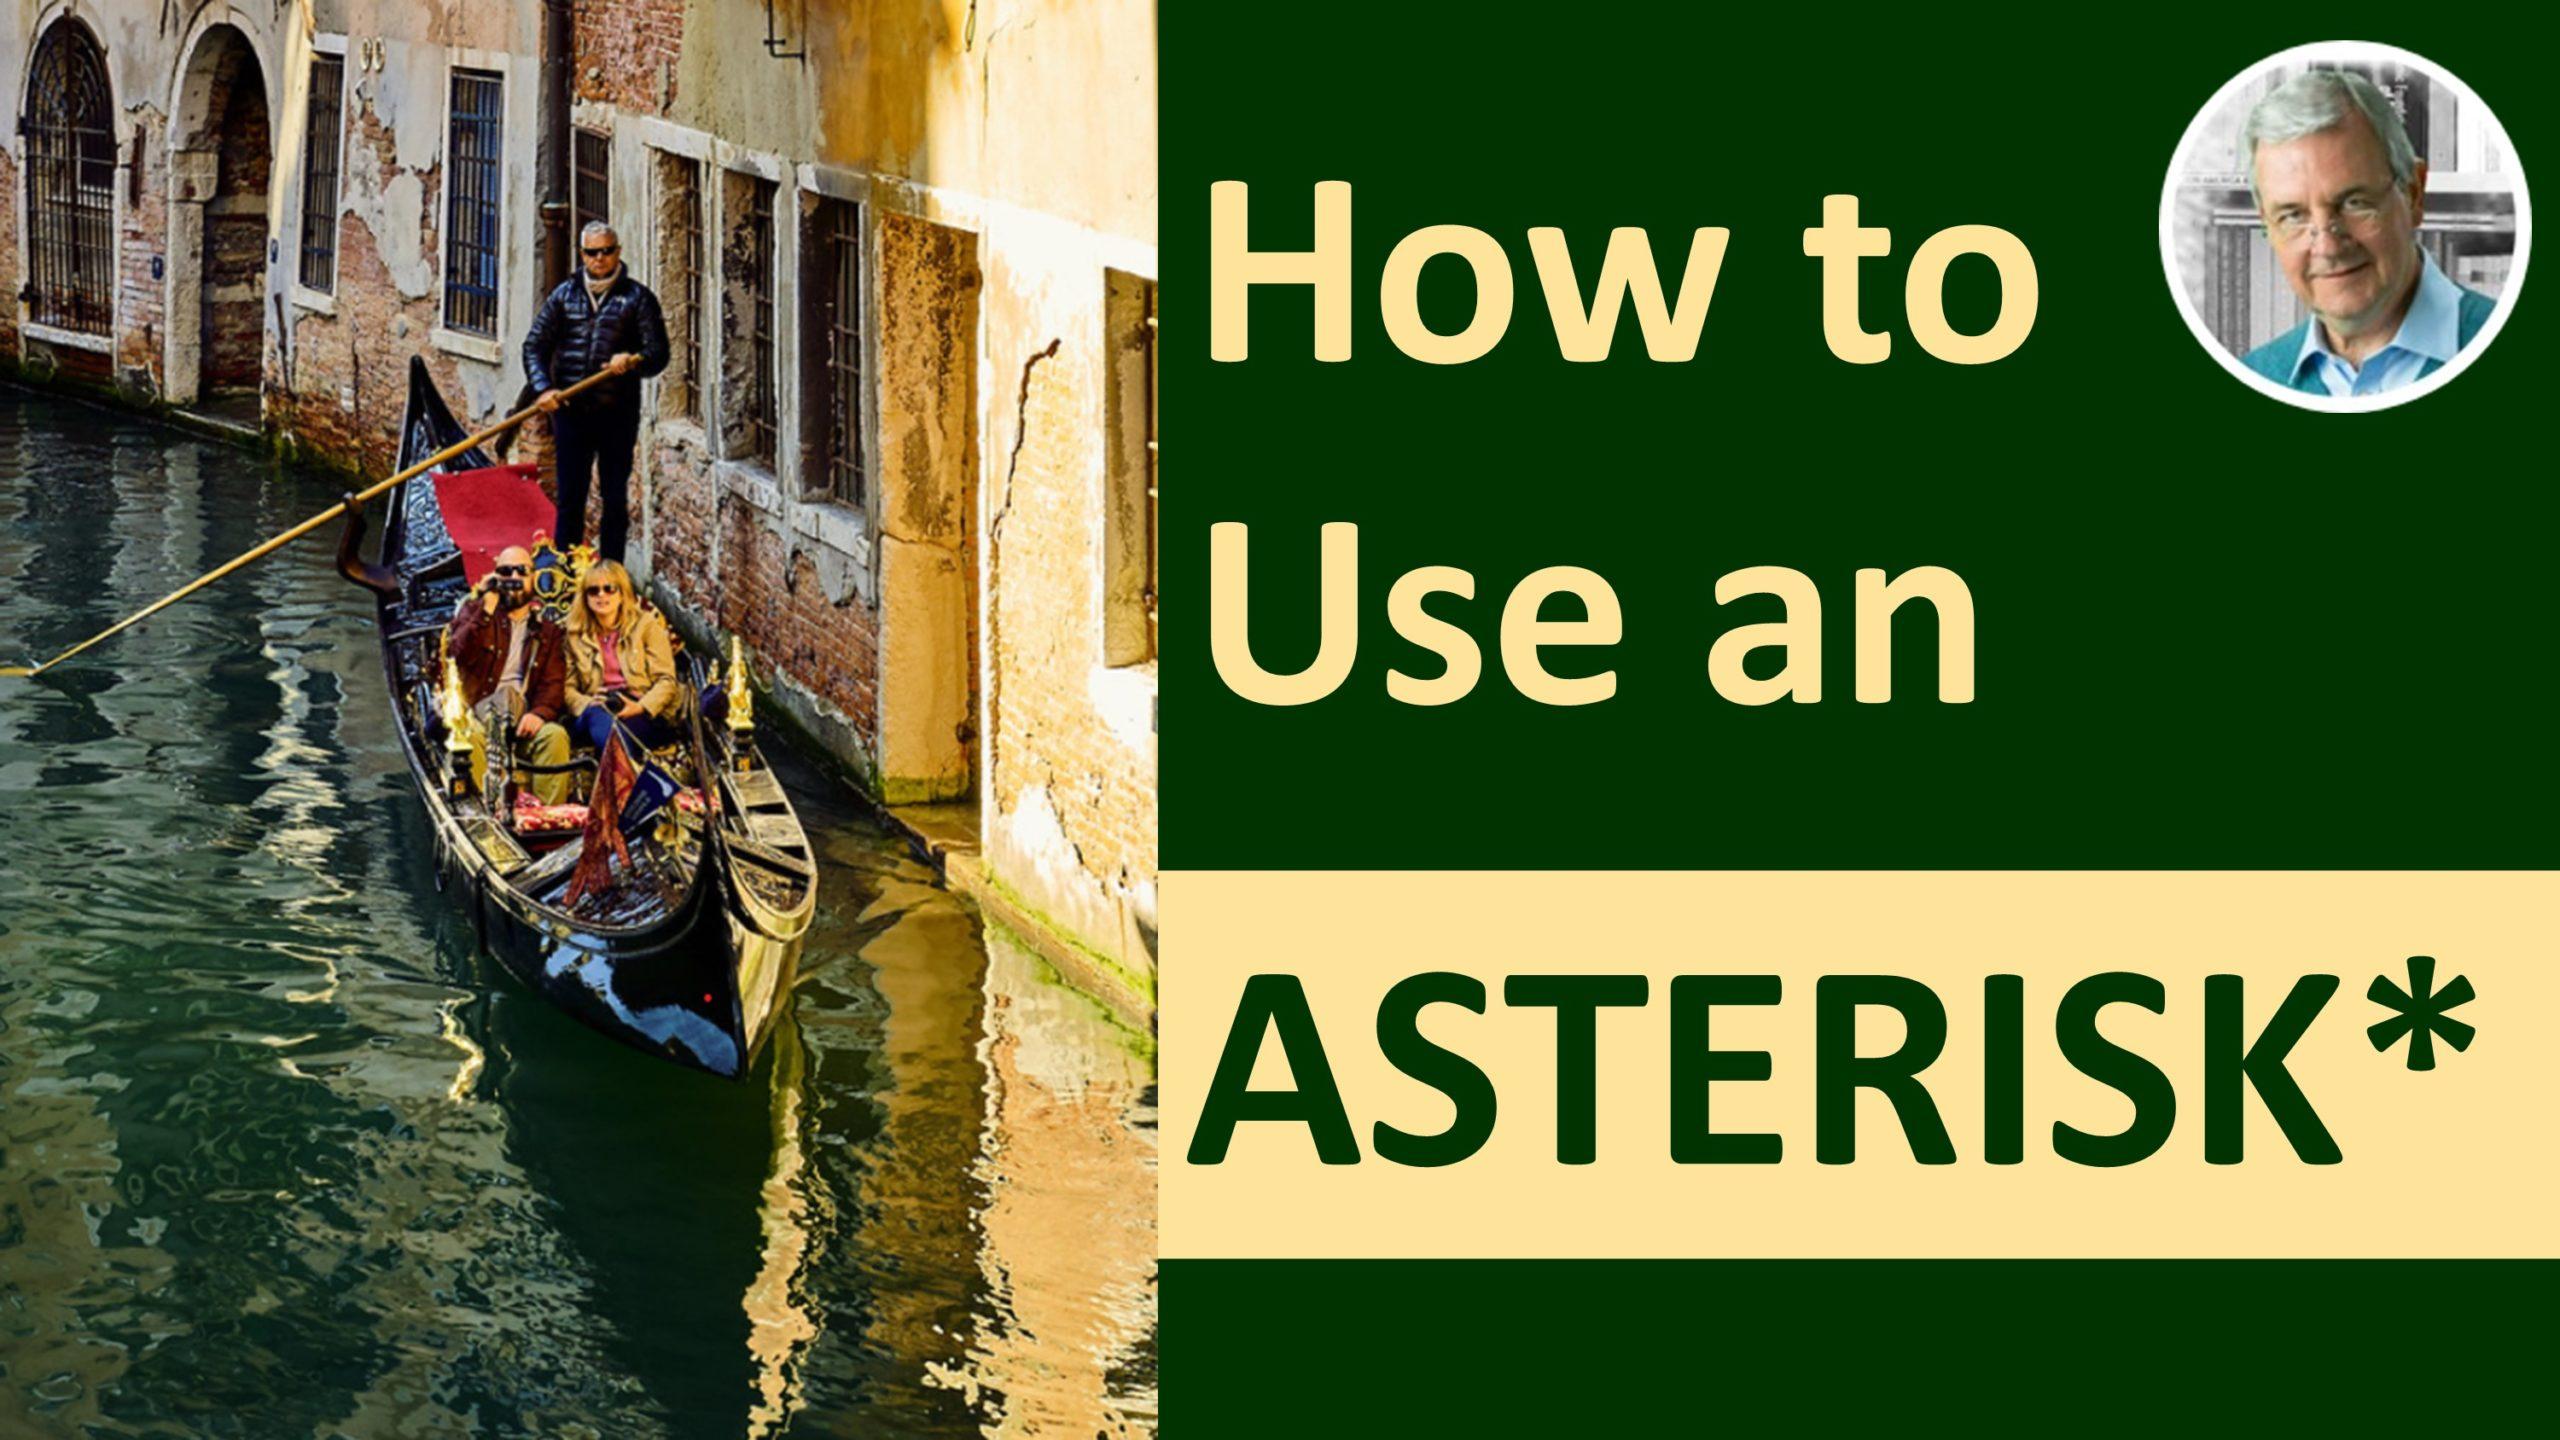 use an asterisk